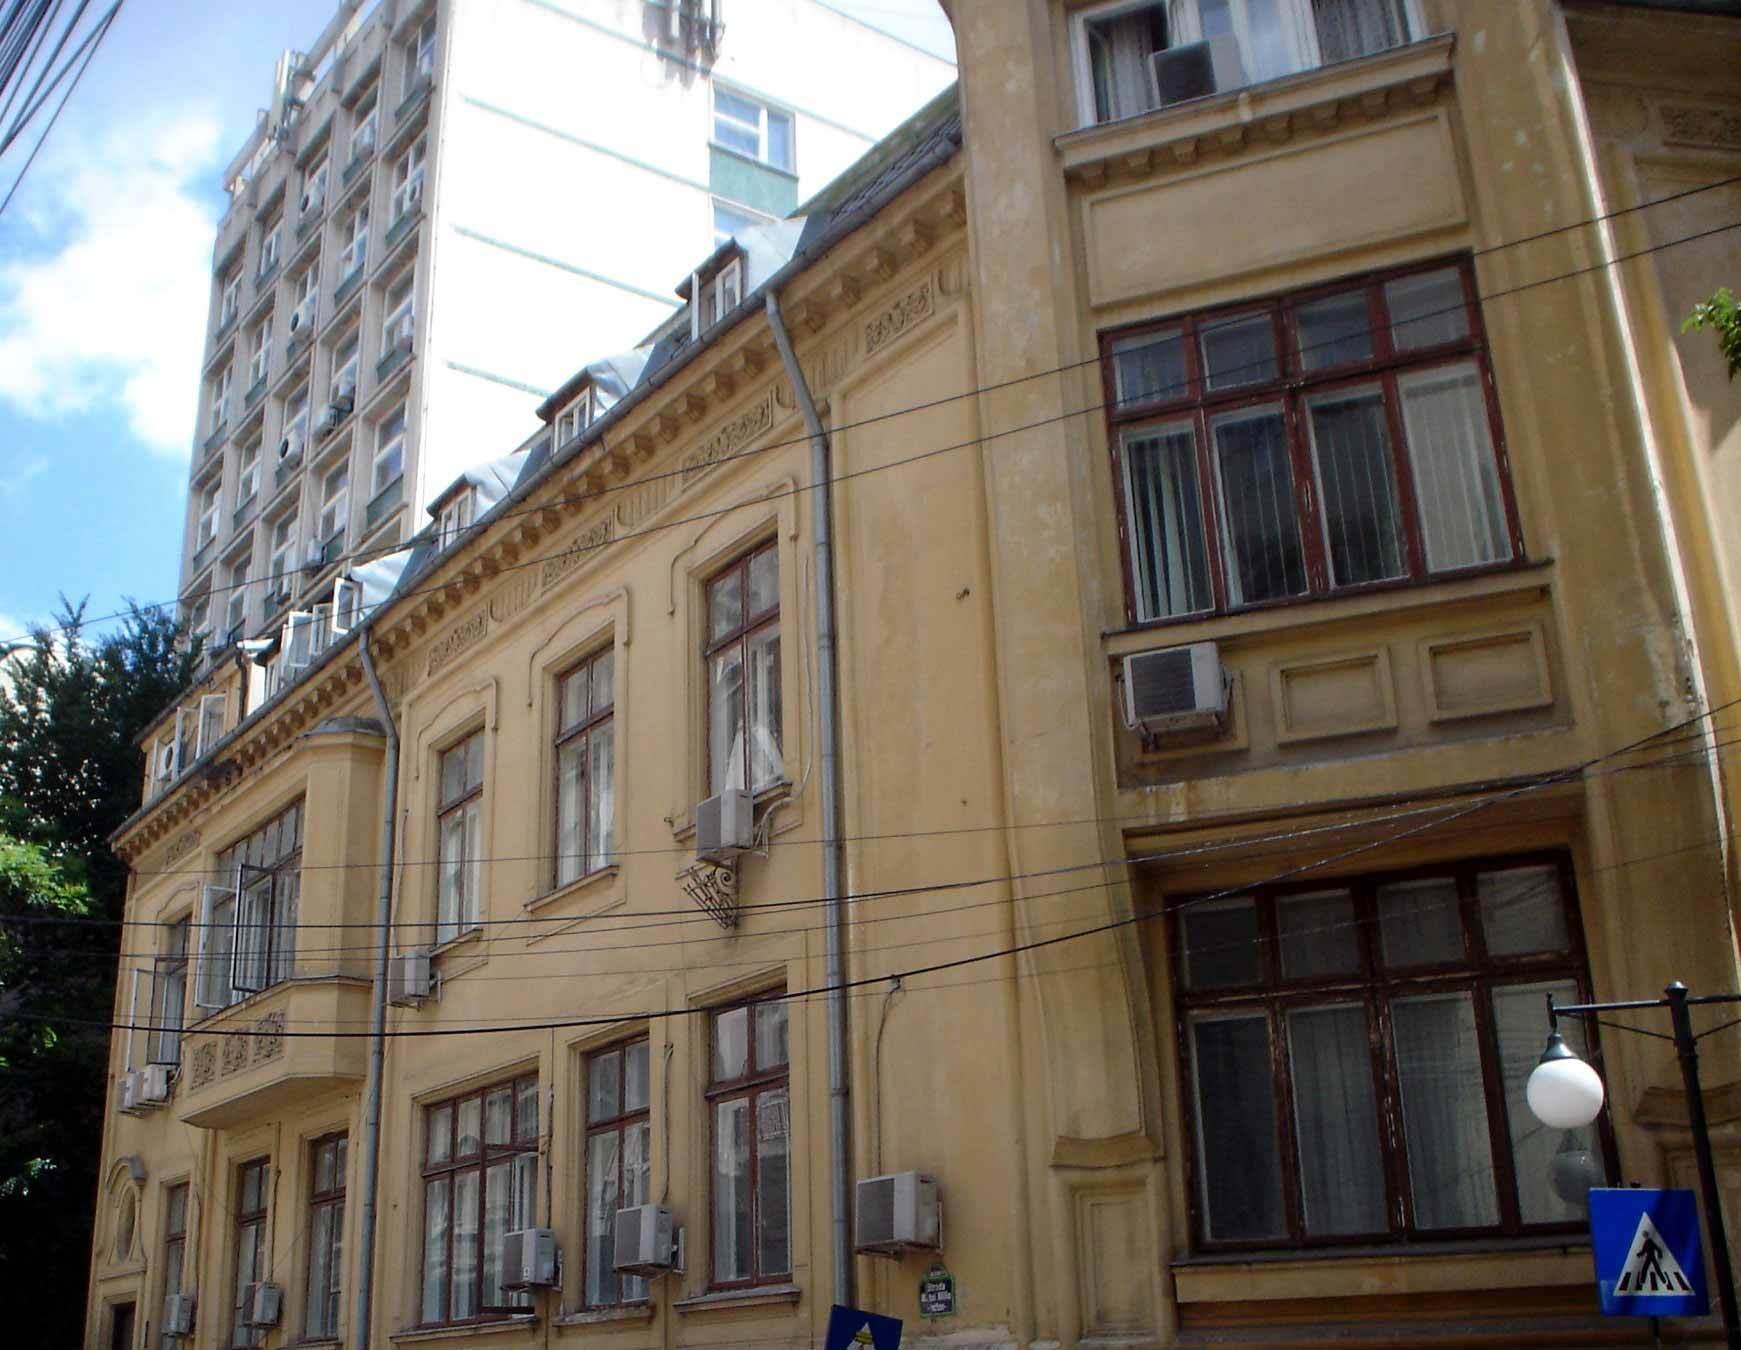 Străzile Bucureştilor – mică istorie sentimentală în imagini